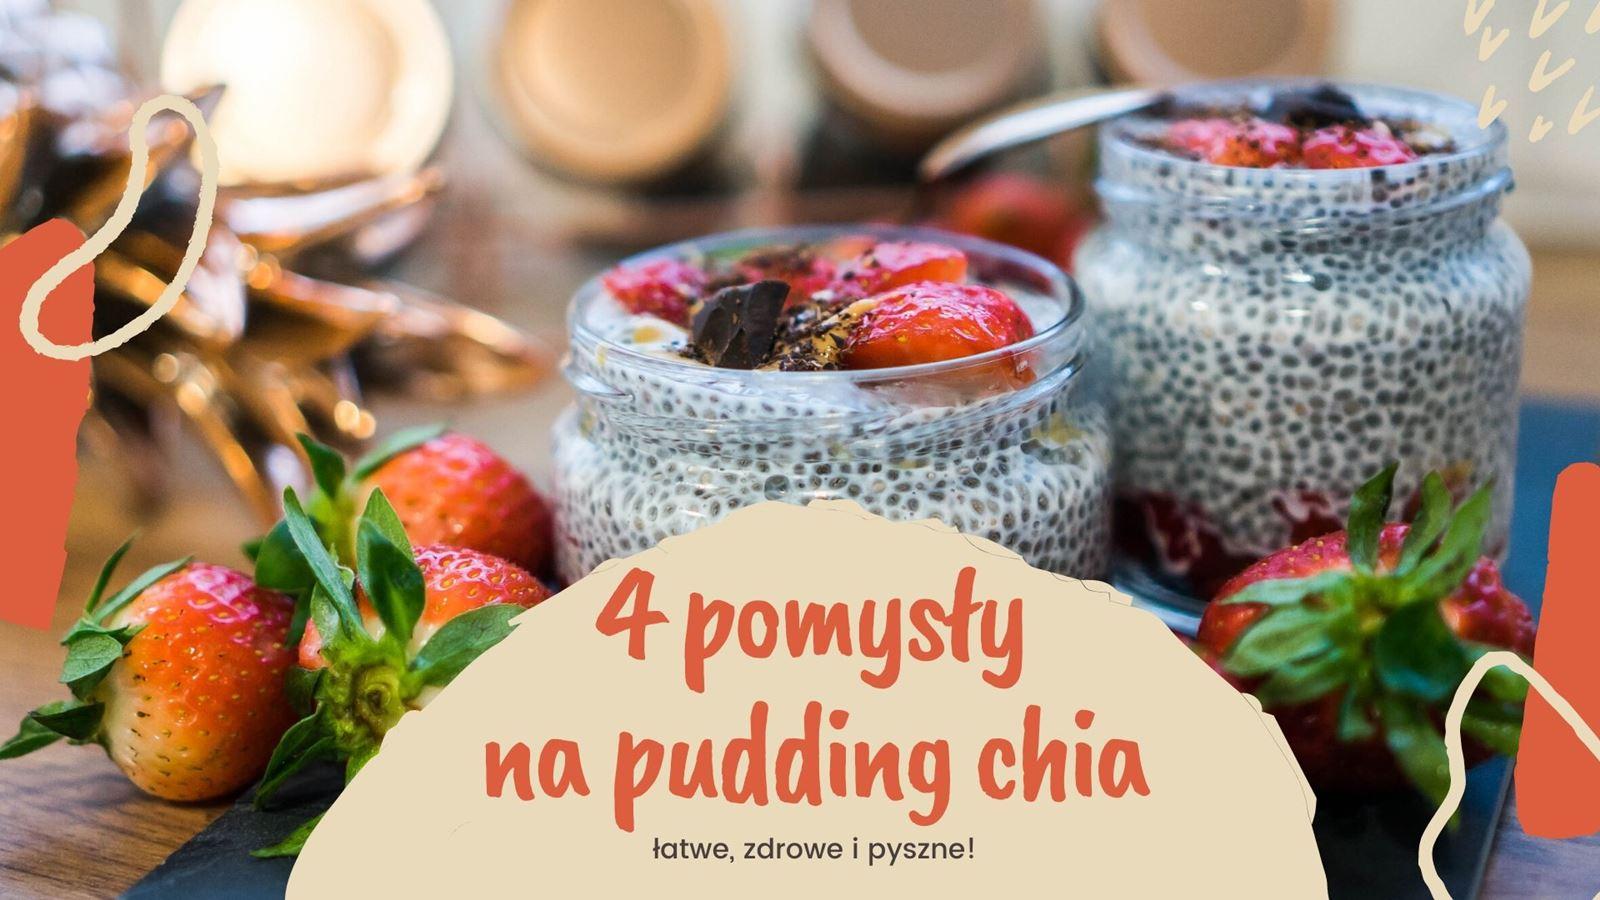 1 jak zrobić zdrowy i szybki deser z nasionami chia pudding chia przepis jak przygotować z truskawkami, pomysł na łatwy deser na sniadanie how make easy health pudding chia receipes